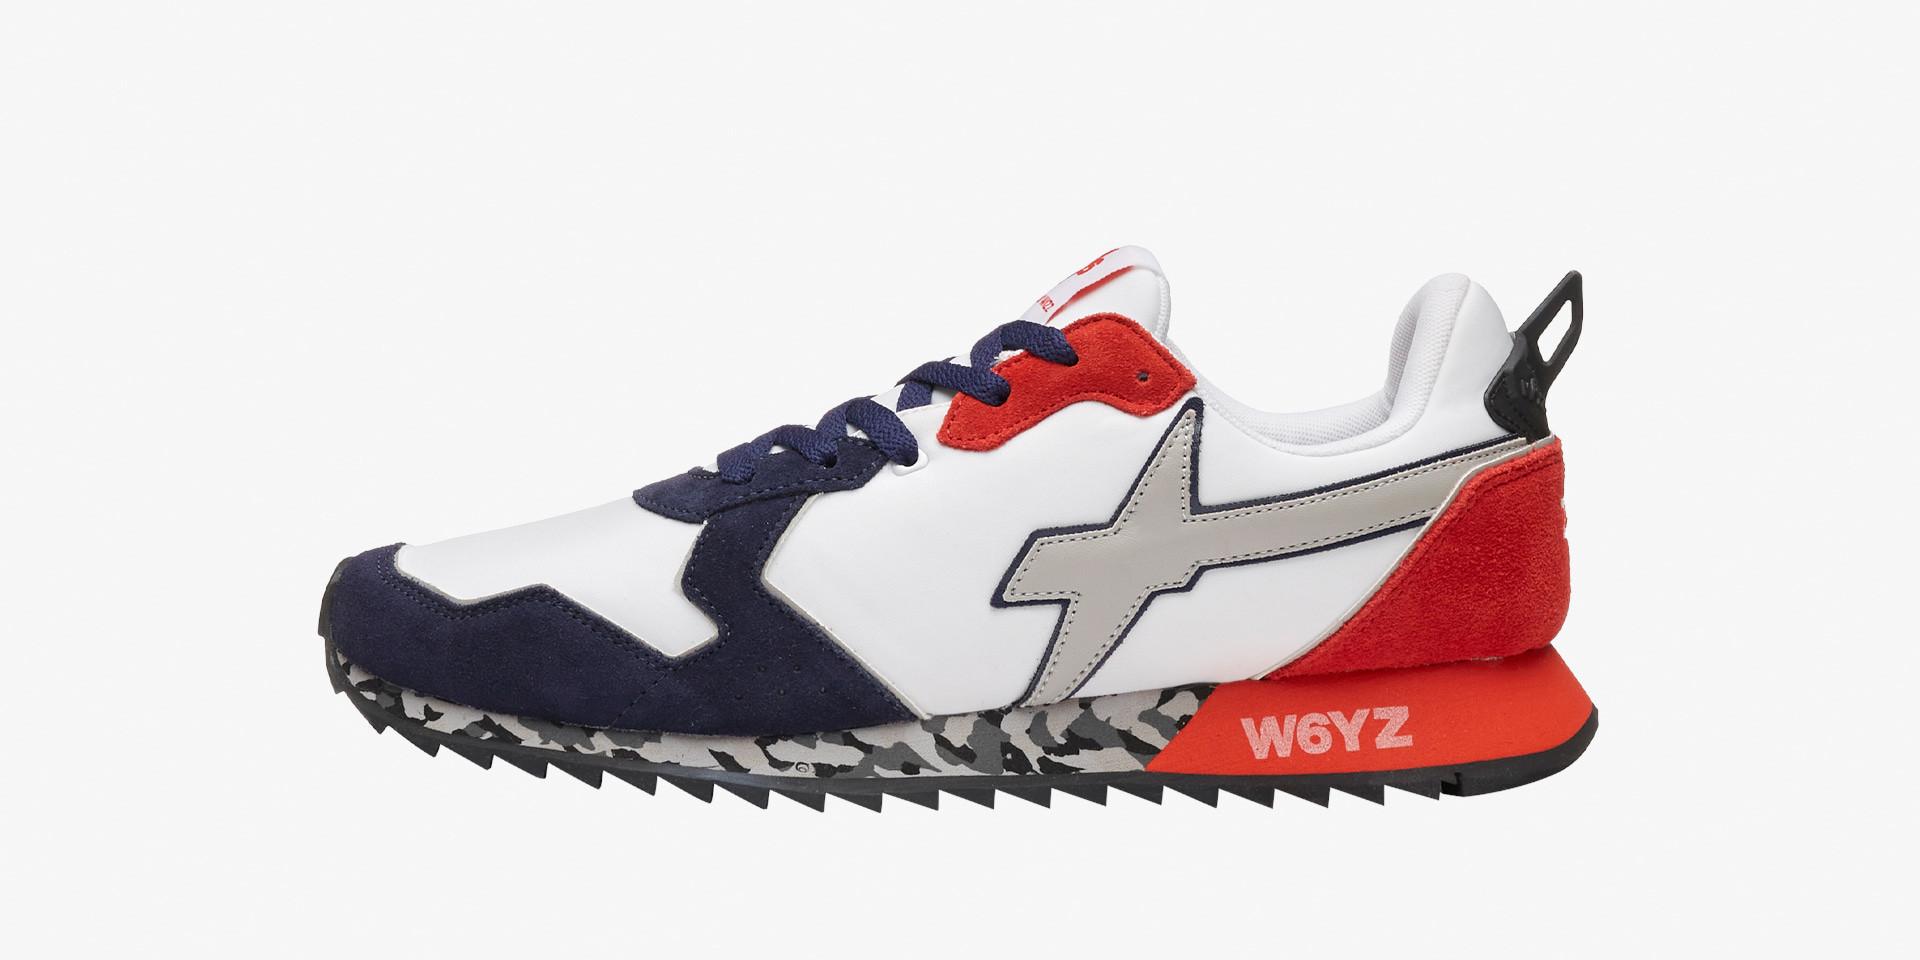 JET-M. - Sneaker con fondo ultraleggero - Bianco-Blu-Rosso